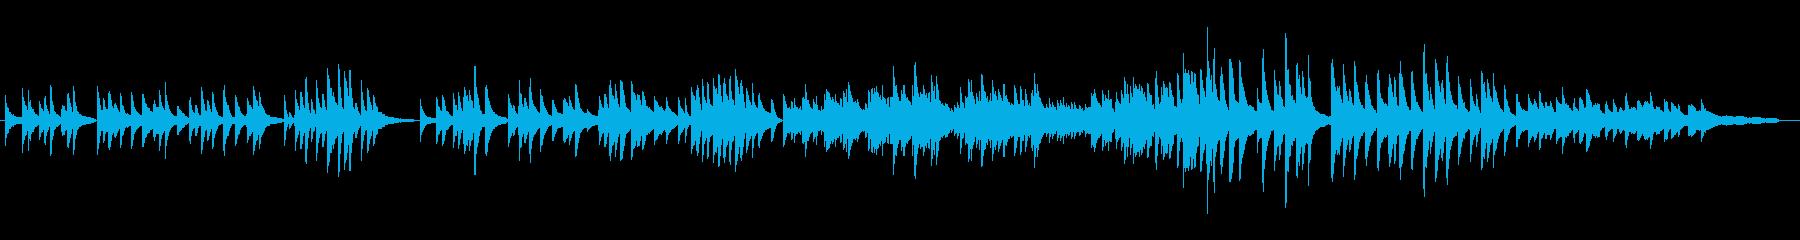 癒し祈りピアノ版レクイエムPieJesuの再生済みの波形